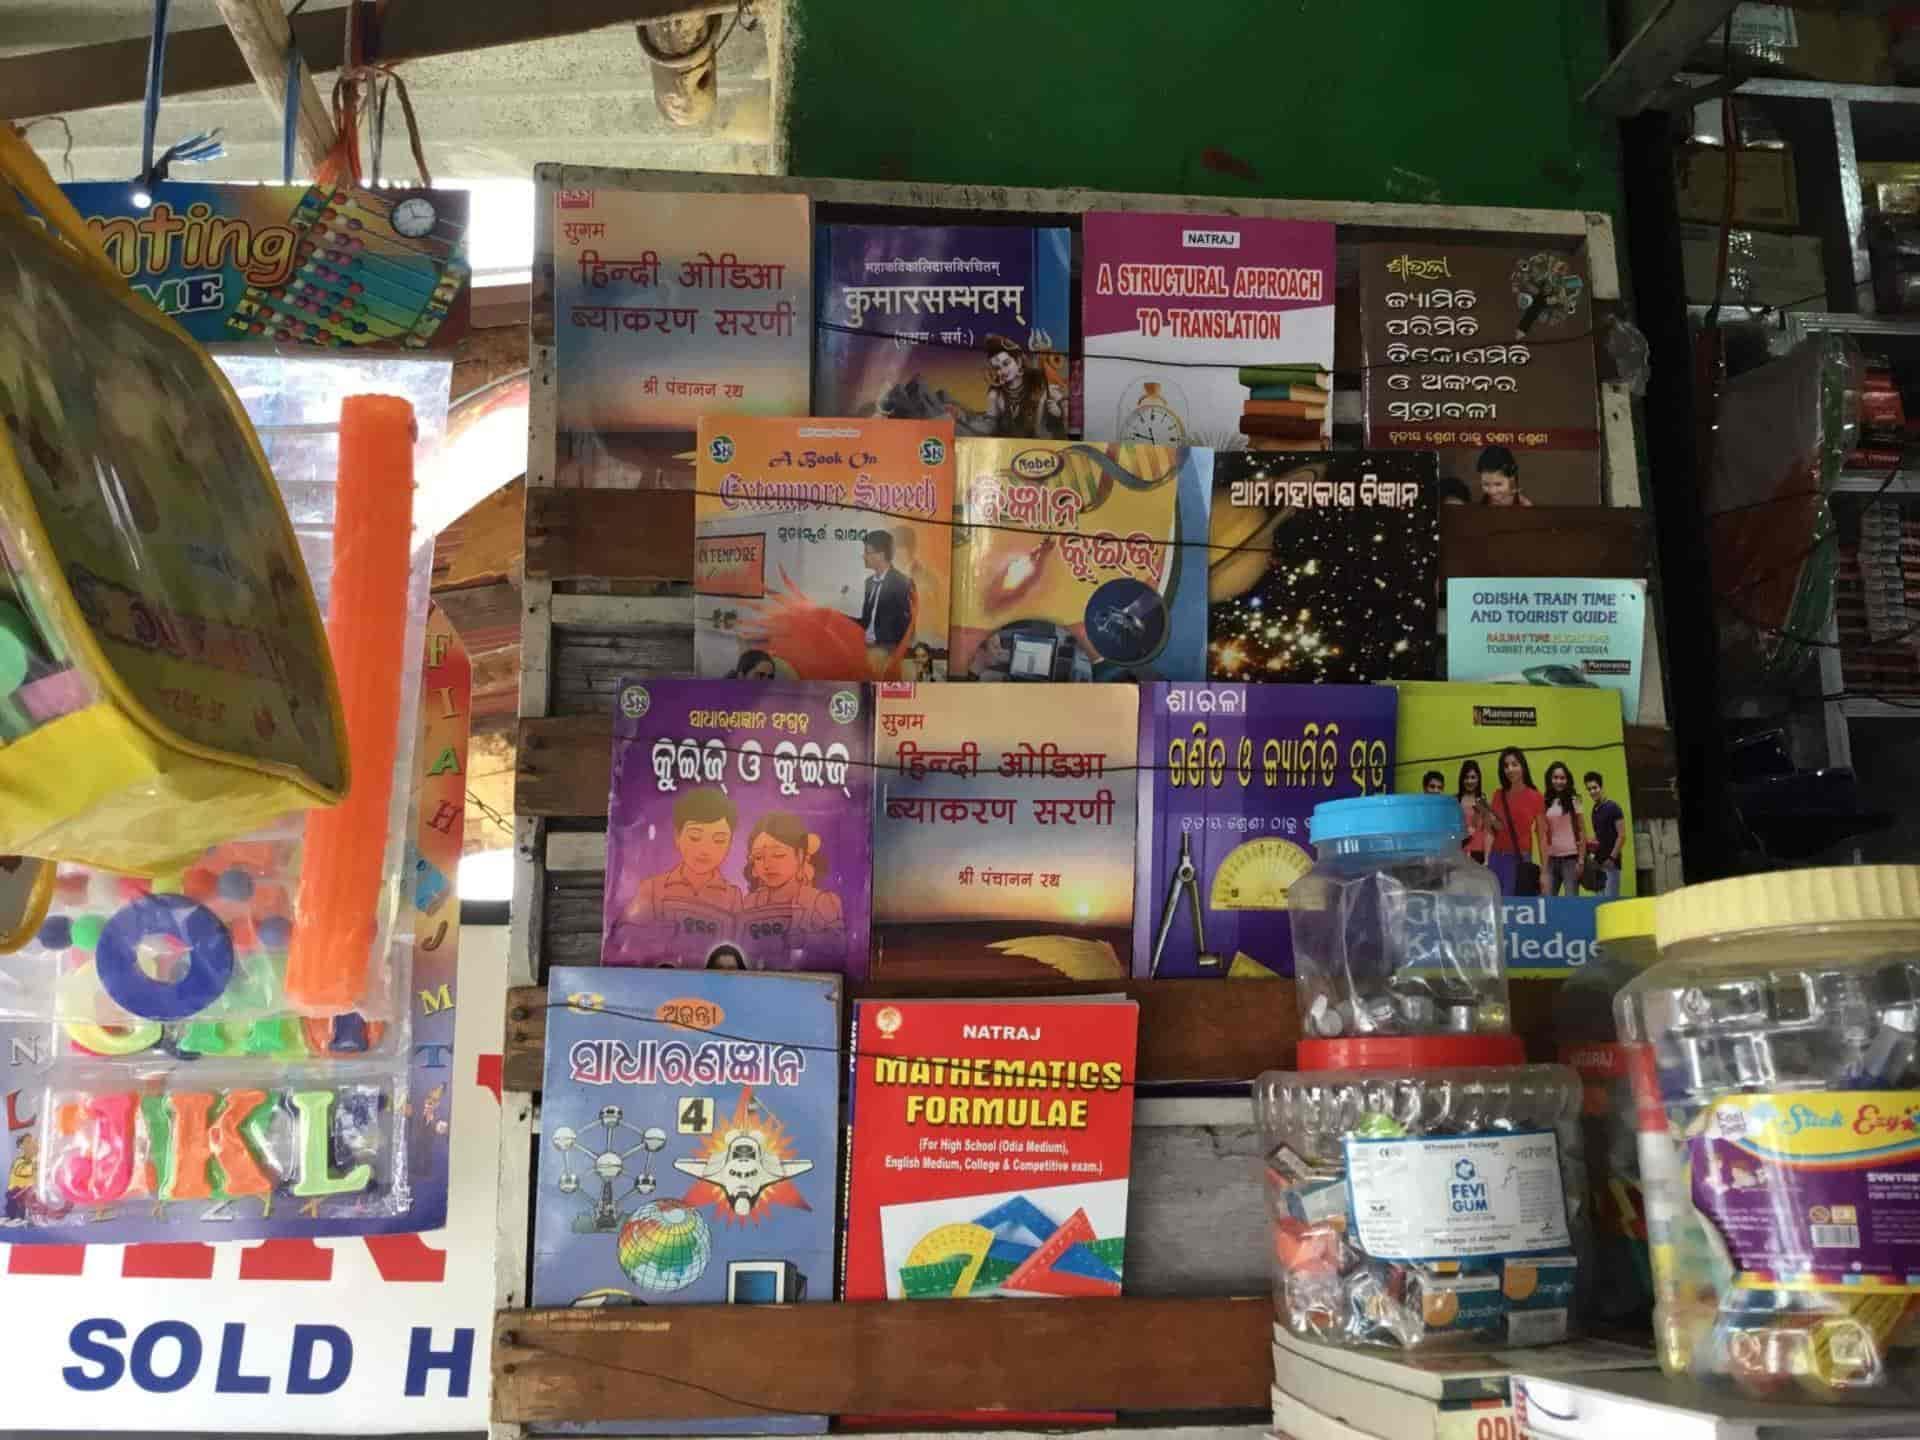 Odisha Book House, Berhampur - Book Shops in Berhampur-Orrisa - Justdial